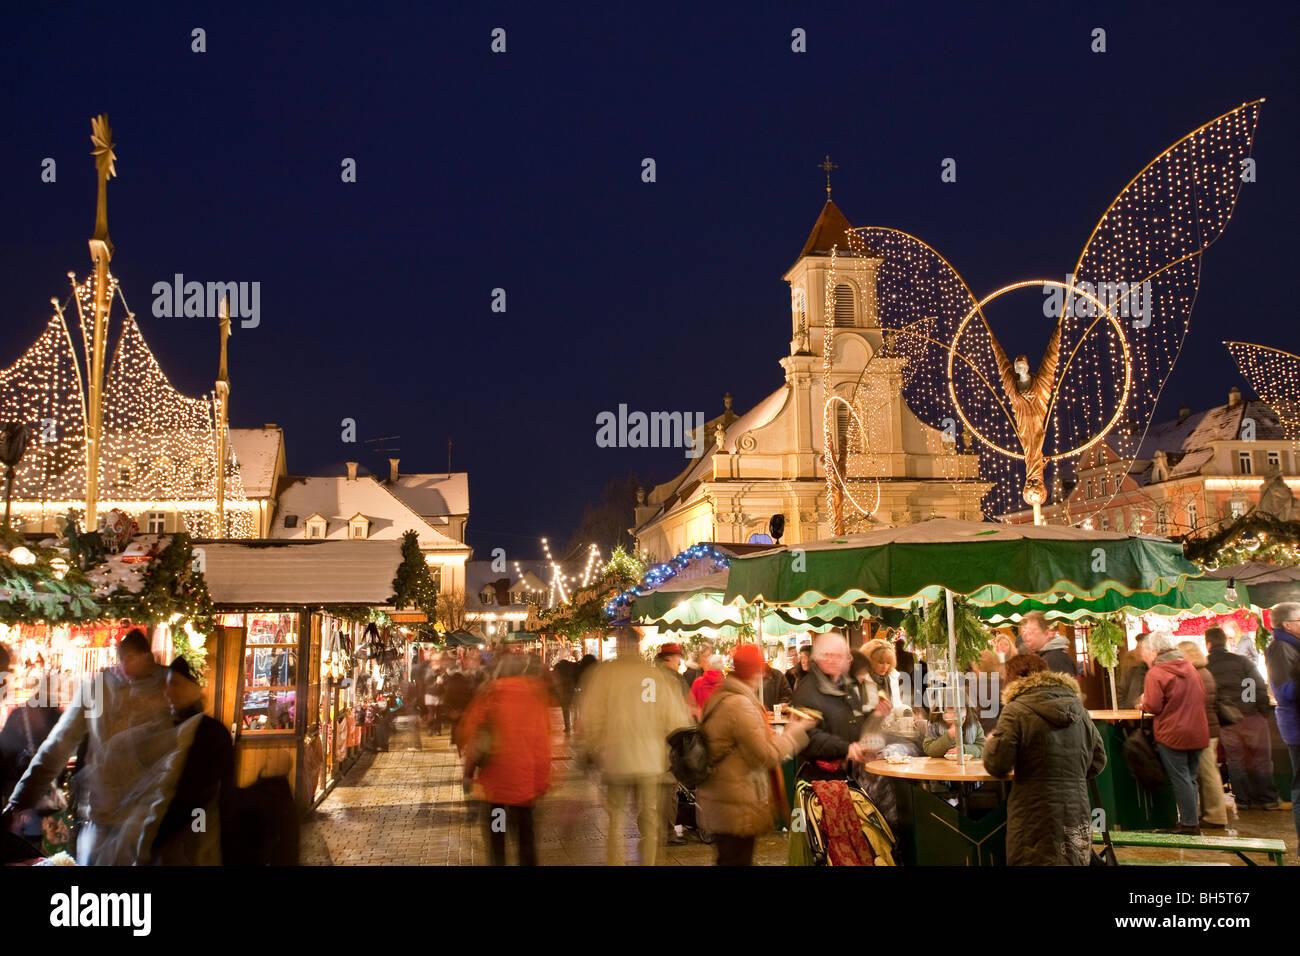 barock weihnachtsmarkt evangelischen pfarrkirche kirche ludwigsburg baden w rttemberg. Black Bedroom Furniture Sets. Home Design Ideas